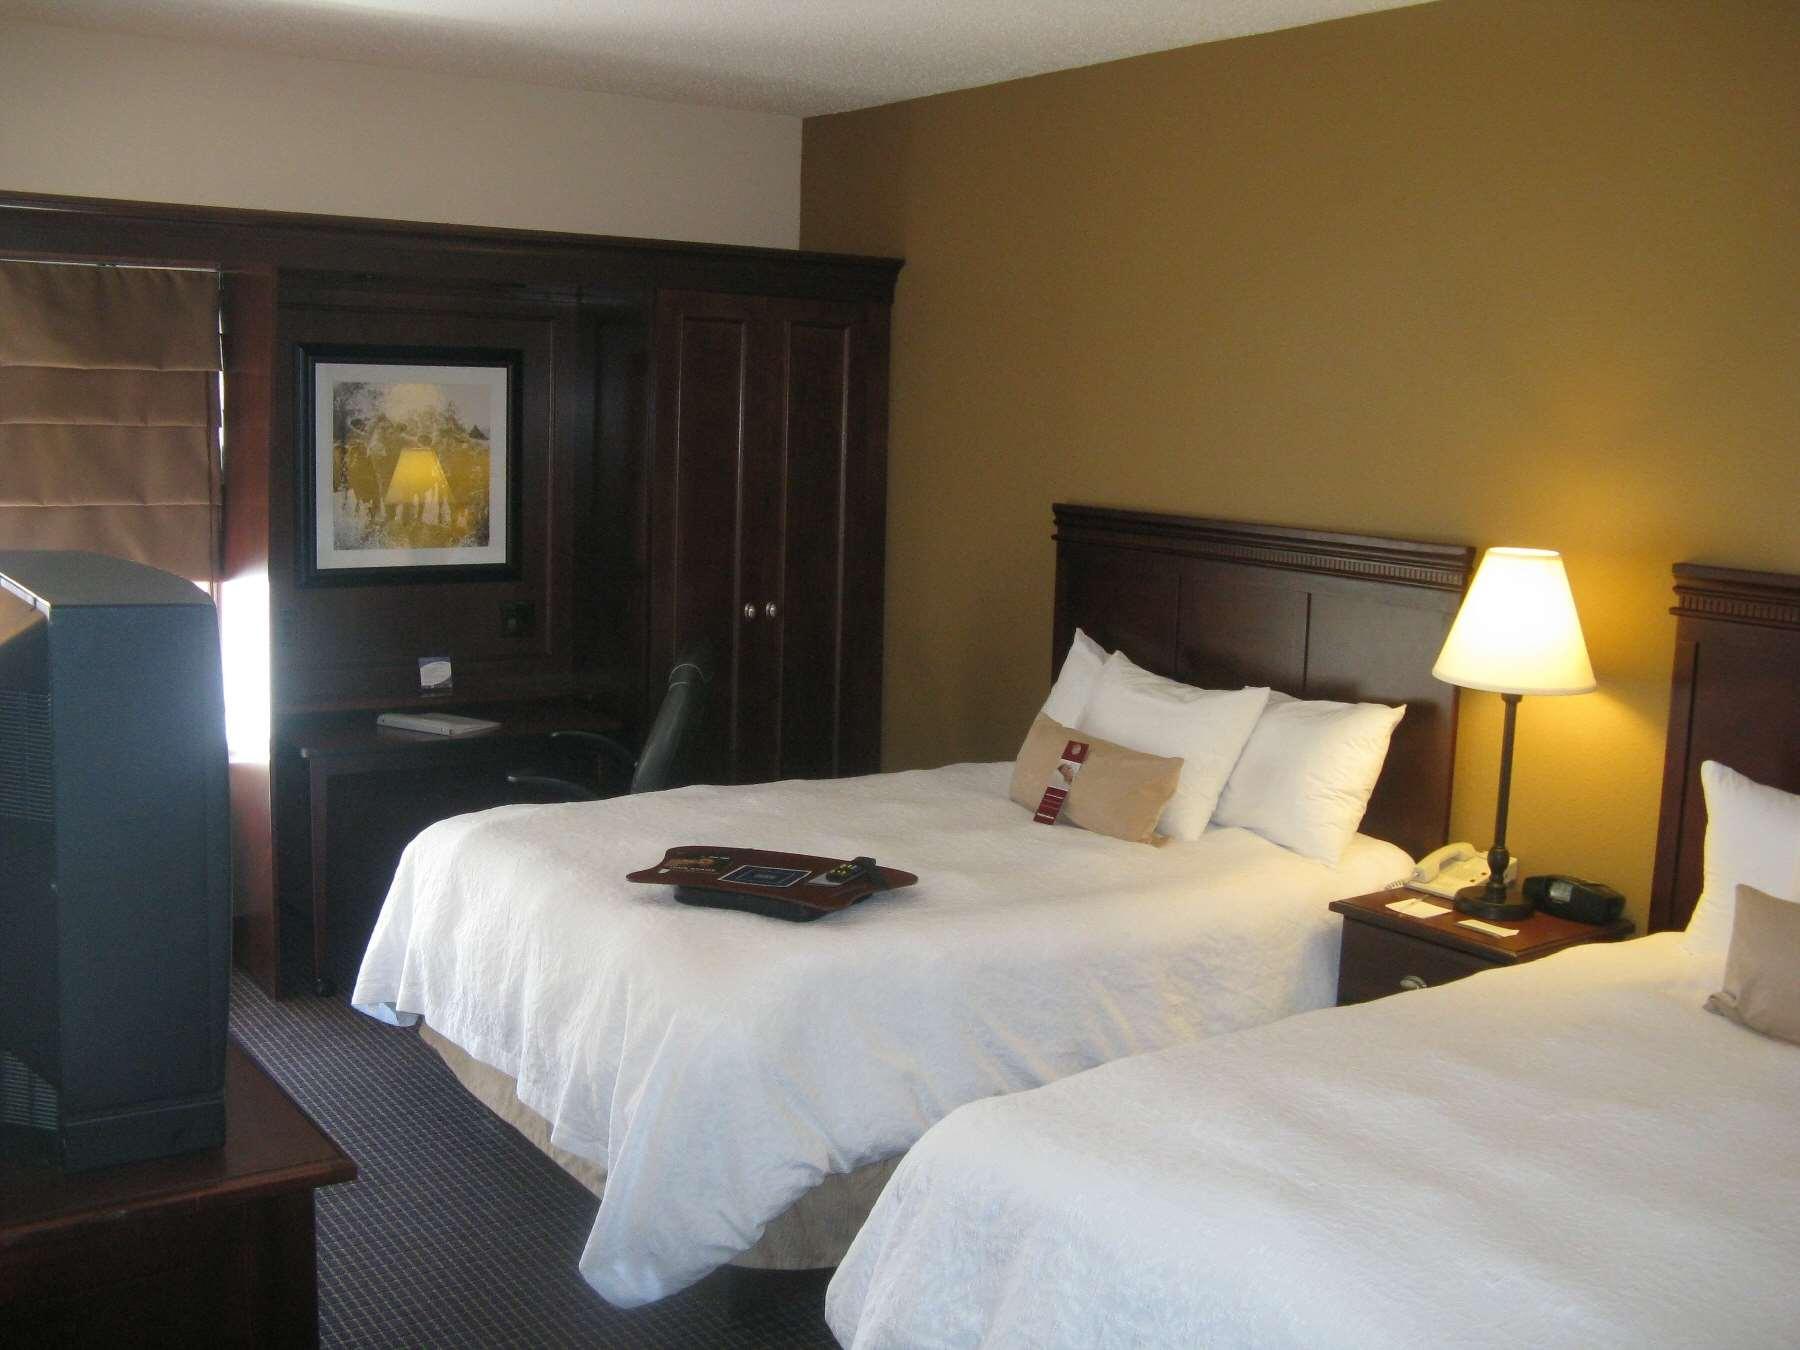 Hampton Inn Sioux Falls image 11